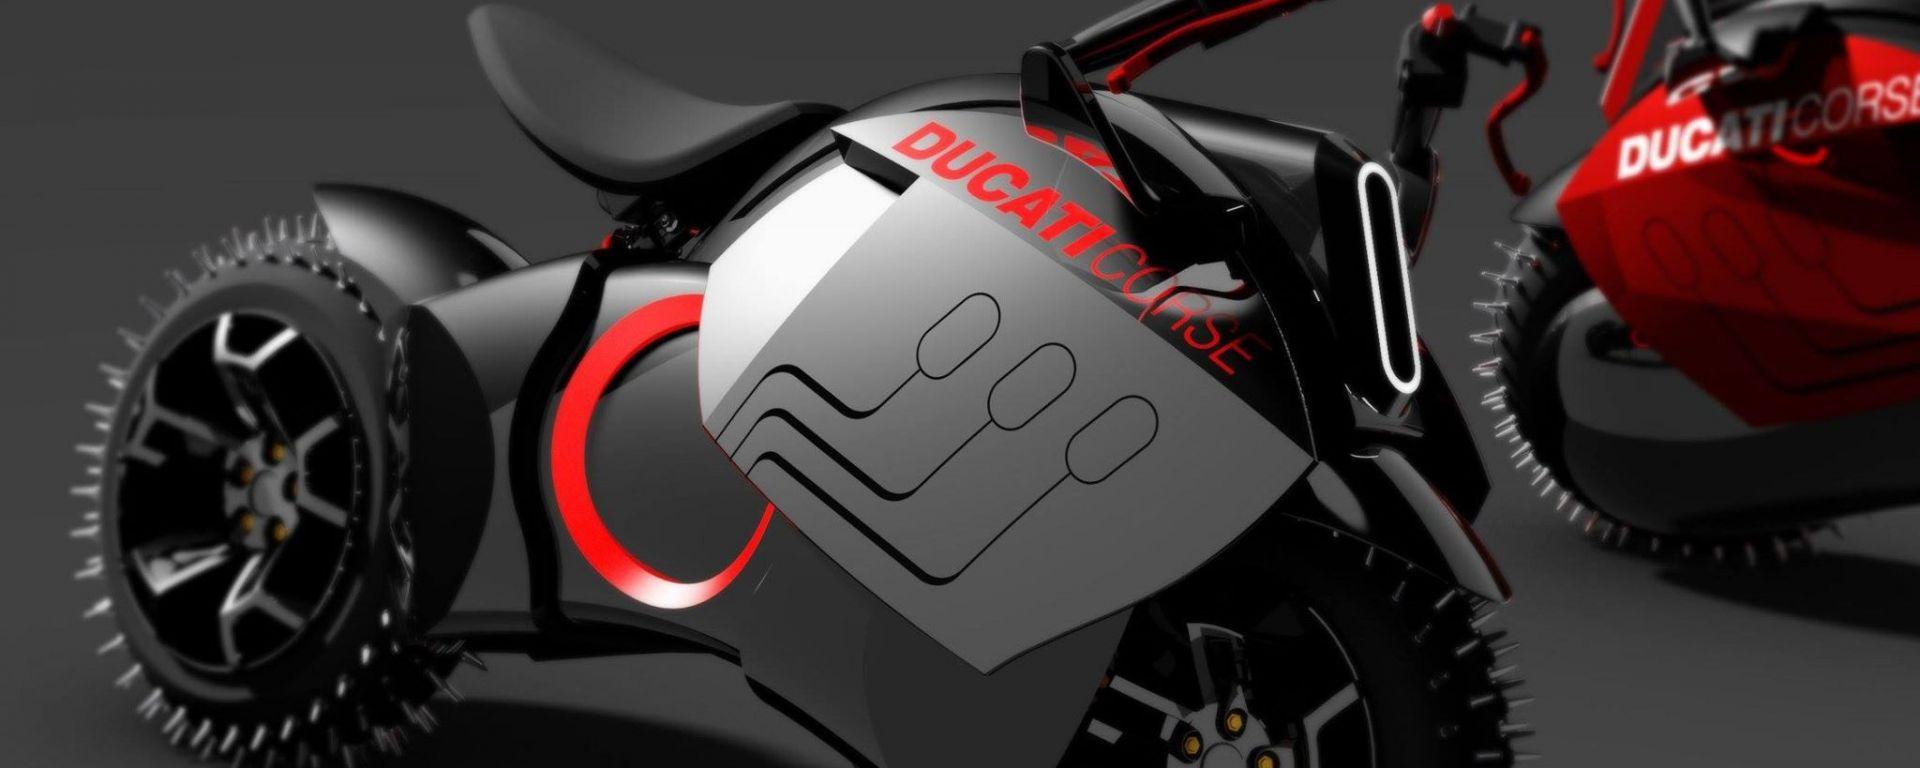 Ducati: e se un giorno arrivasse un'elettrica?